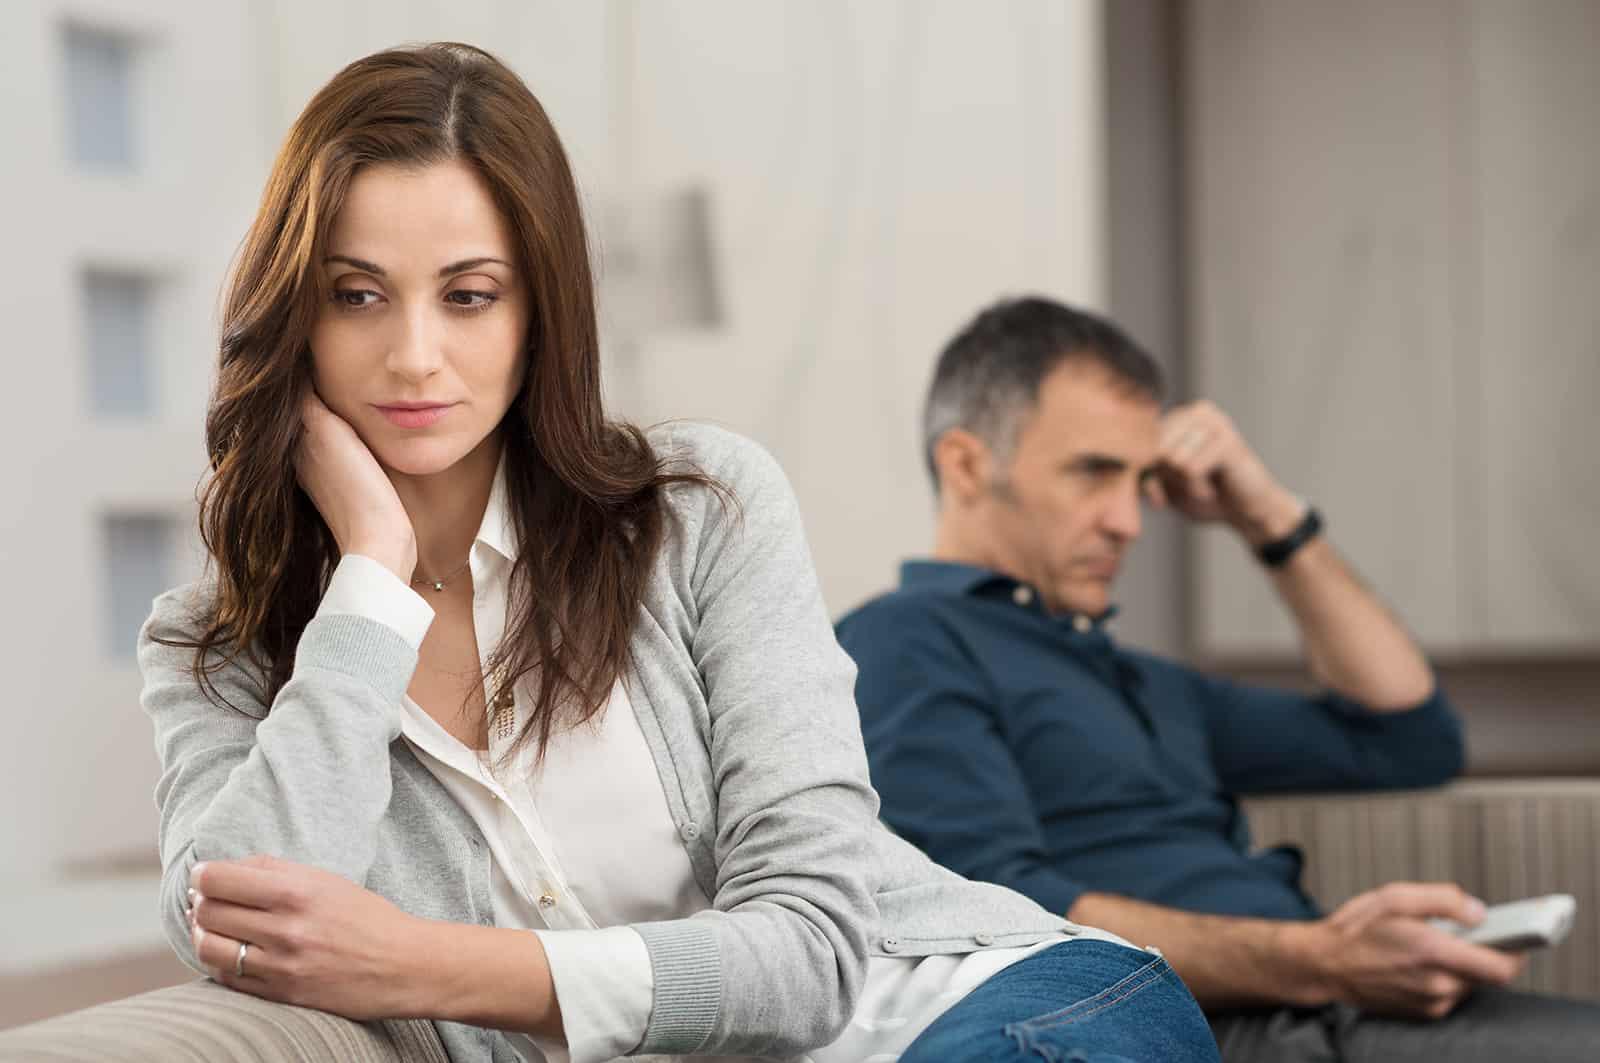 Eine traurige Frau wandte sich von einem Mann ab, der in ihrer Nähe saß und fernsah und sie ignorierte